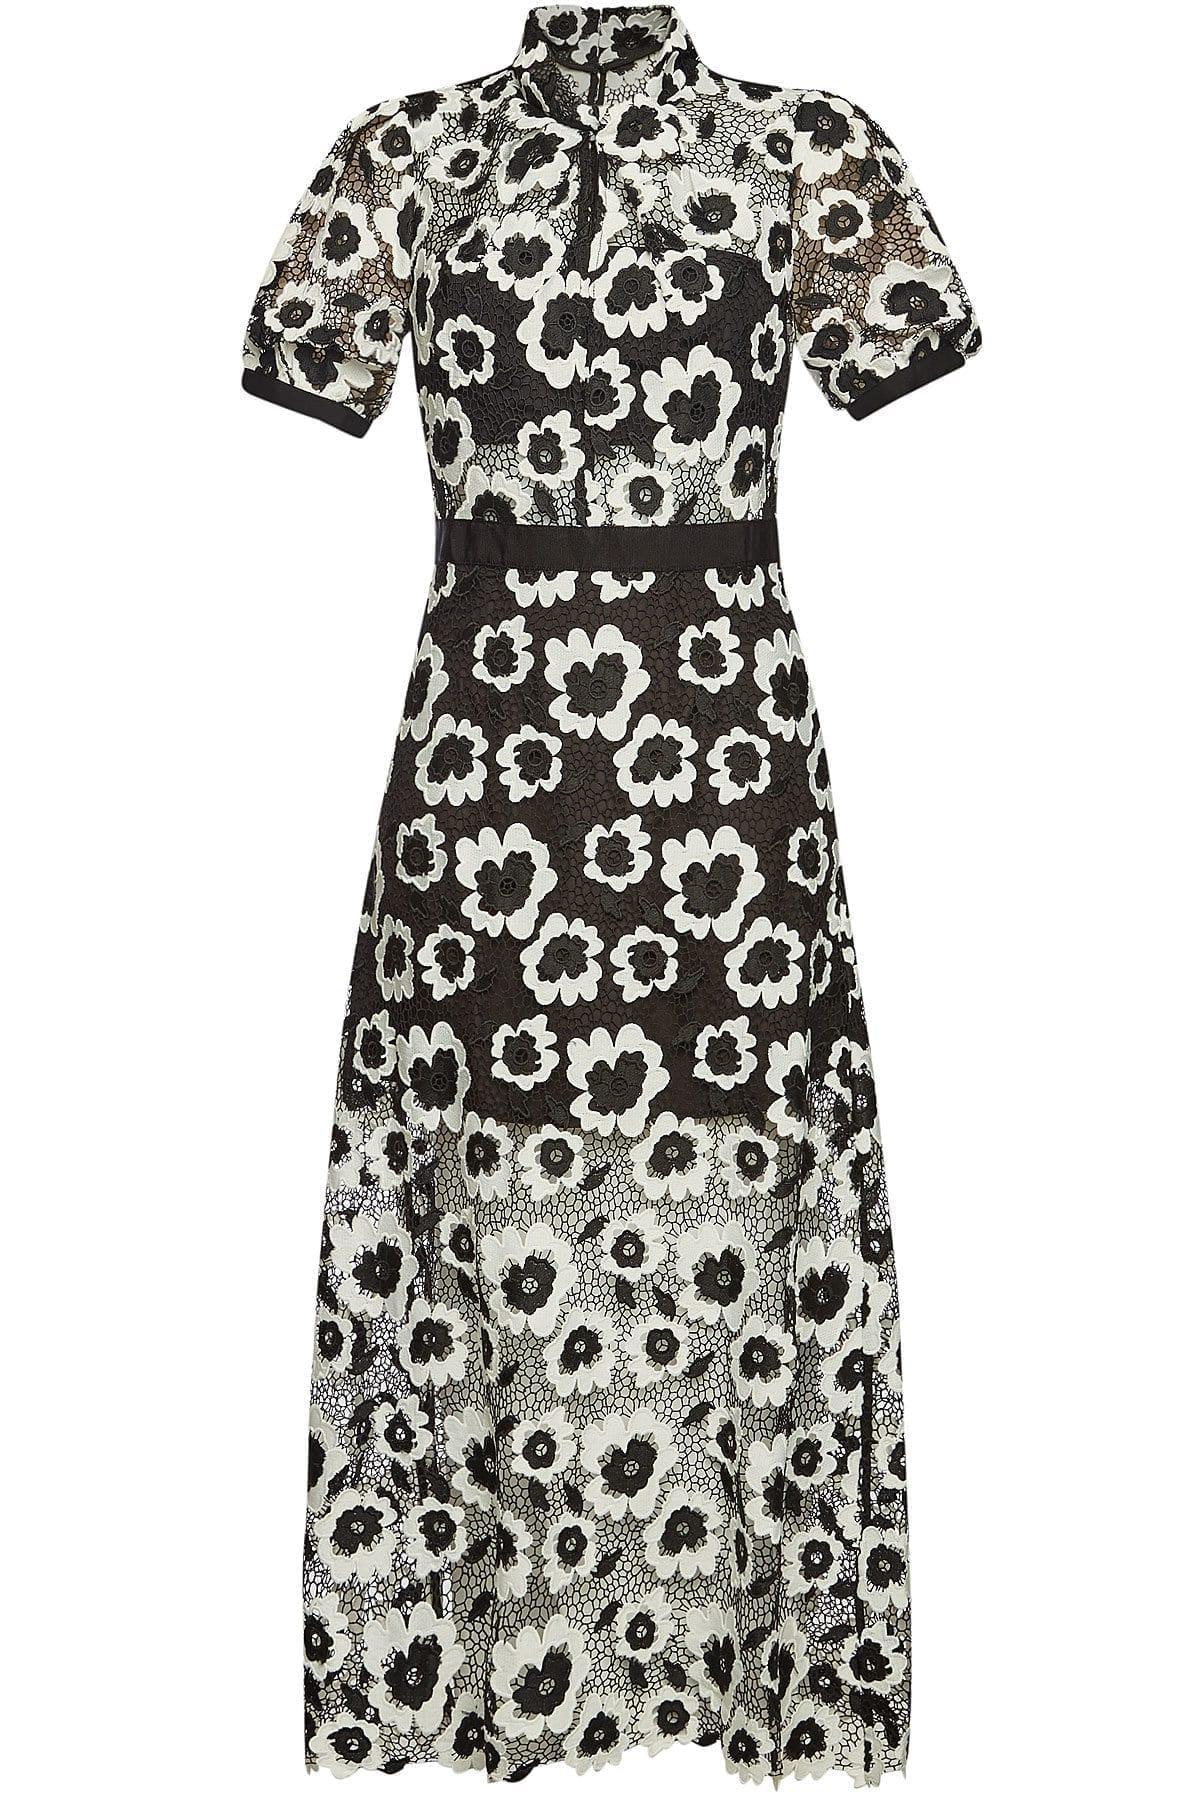 SELF-PORTRAIT Lace Maxi Black Dress